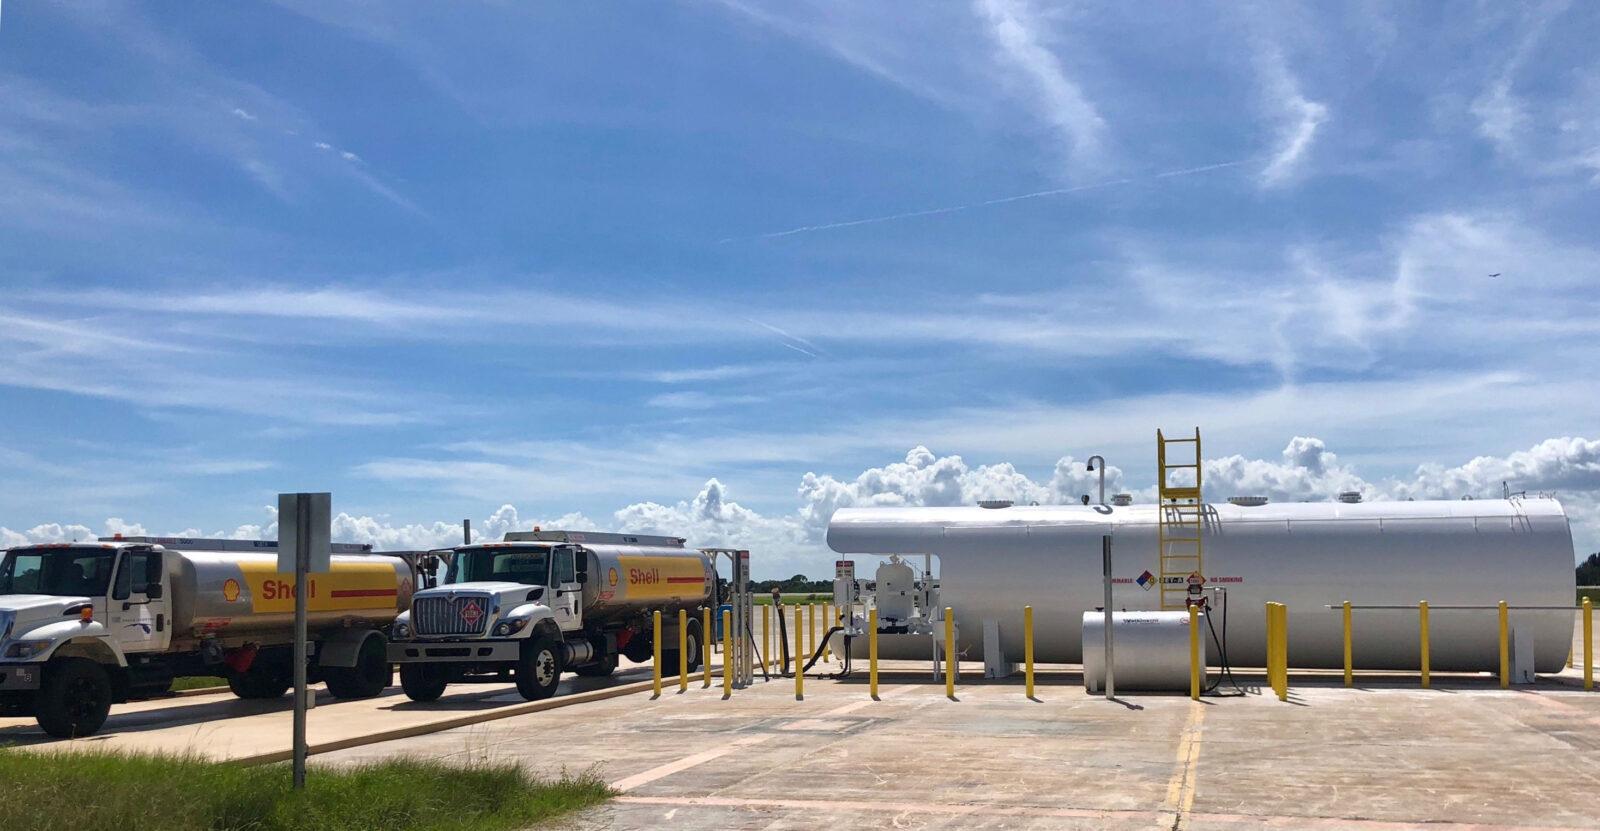 Fuel Farm at LLF